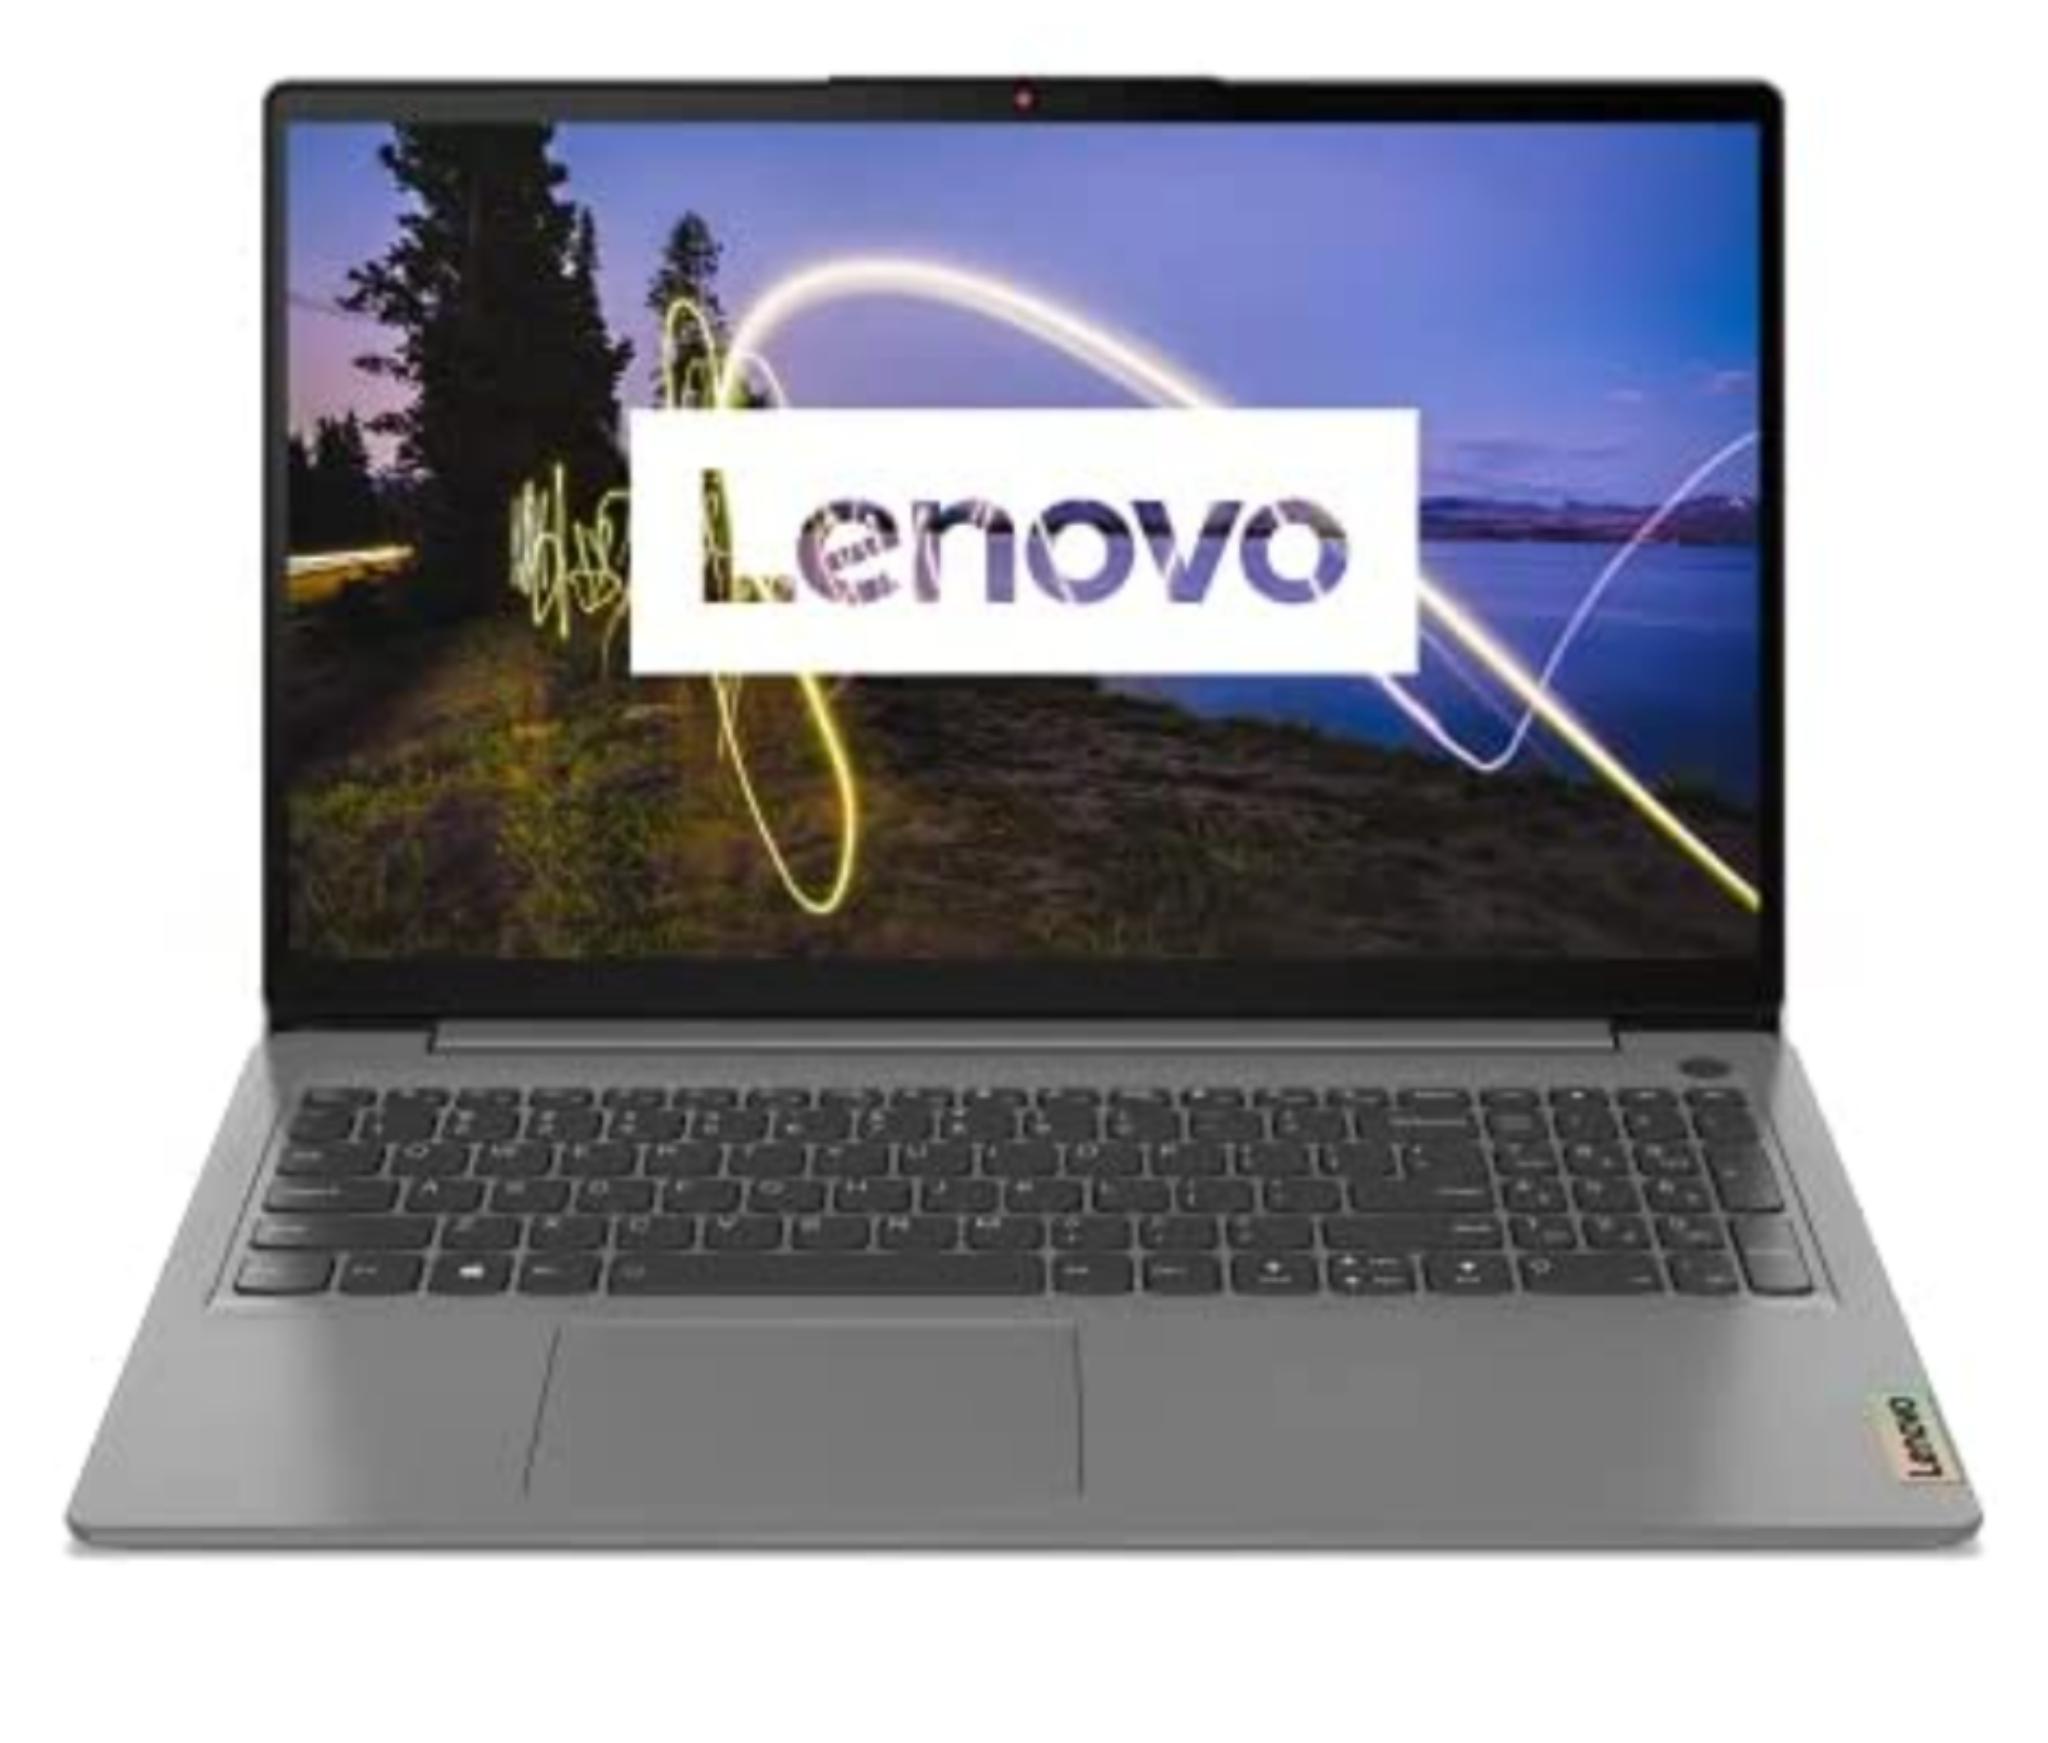 [Prime Day]Lenovo IdeaPad 3 39,6 cm (15,6 Zoll, Full HD, entspiegelt), AMD Ryzen 5 5500U, 16GB RAM, 512GB SSD, AMD GPU, W10 Home, grau